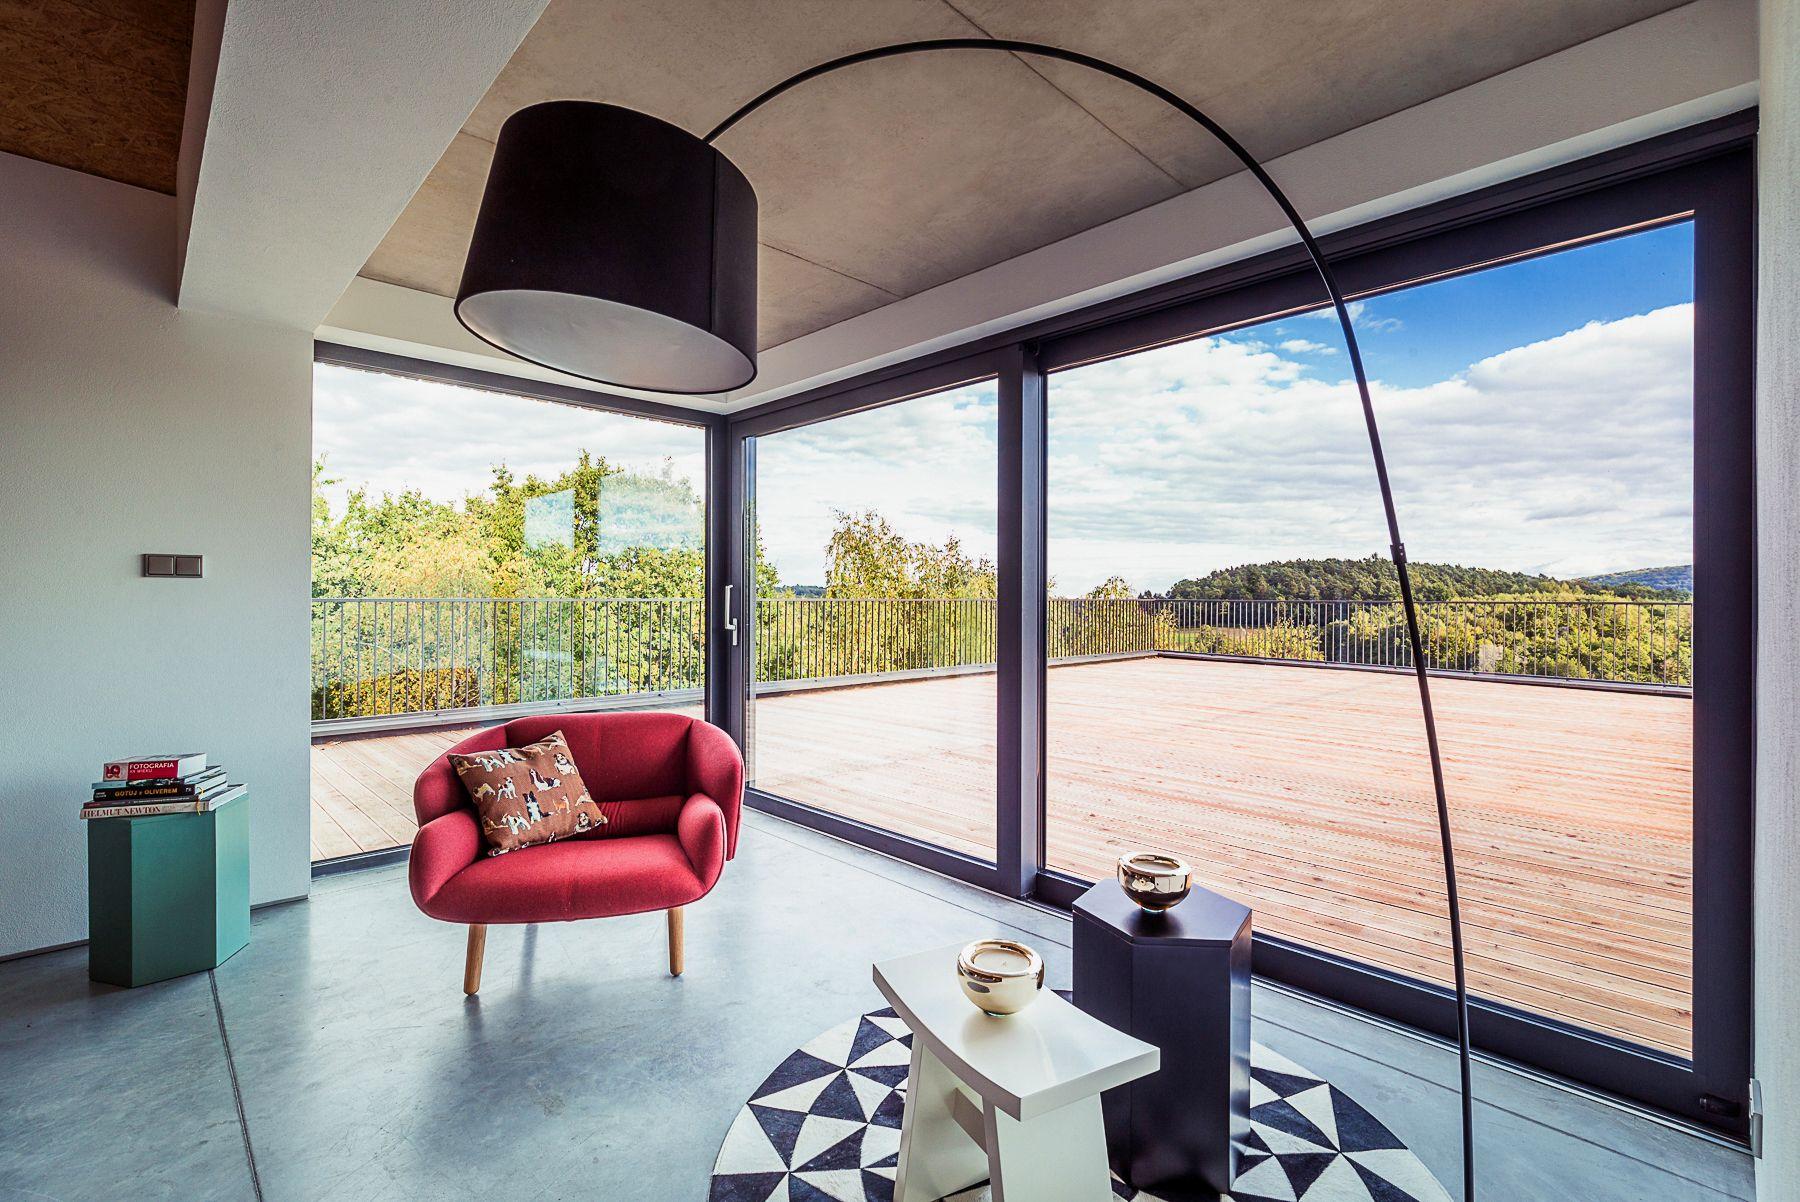 Prandina Mobili ~ Une large baie vitrée pour faire entrer le soleil au cœur de votre